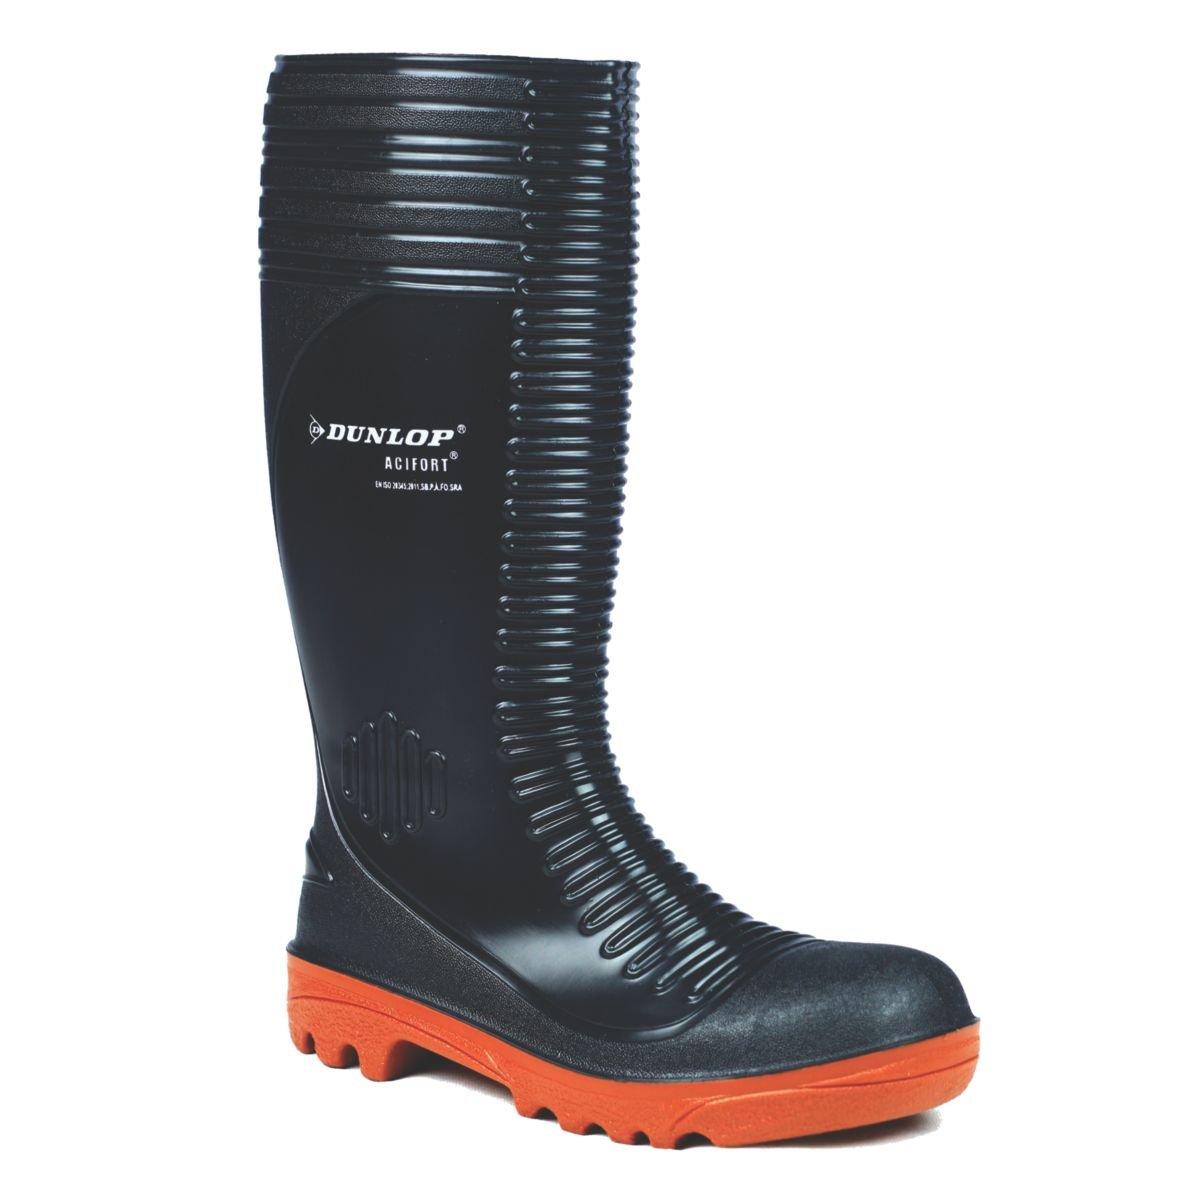 Dunlop Acifort A252931 gerippt Sicherheits-Gummistiefel, Größe Größe Größe 47, Farbe  Schwarz 3e02b1